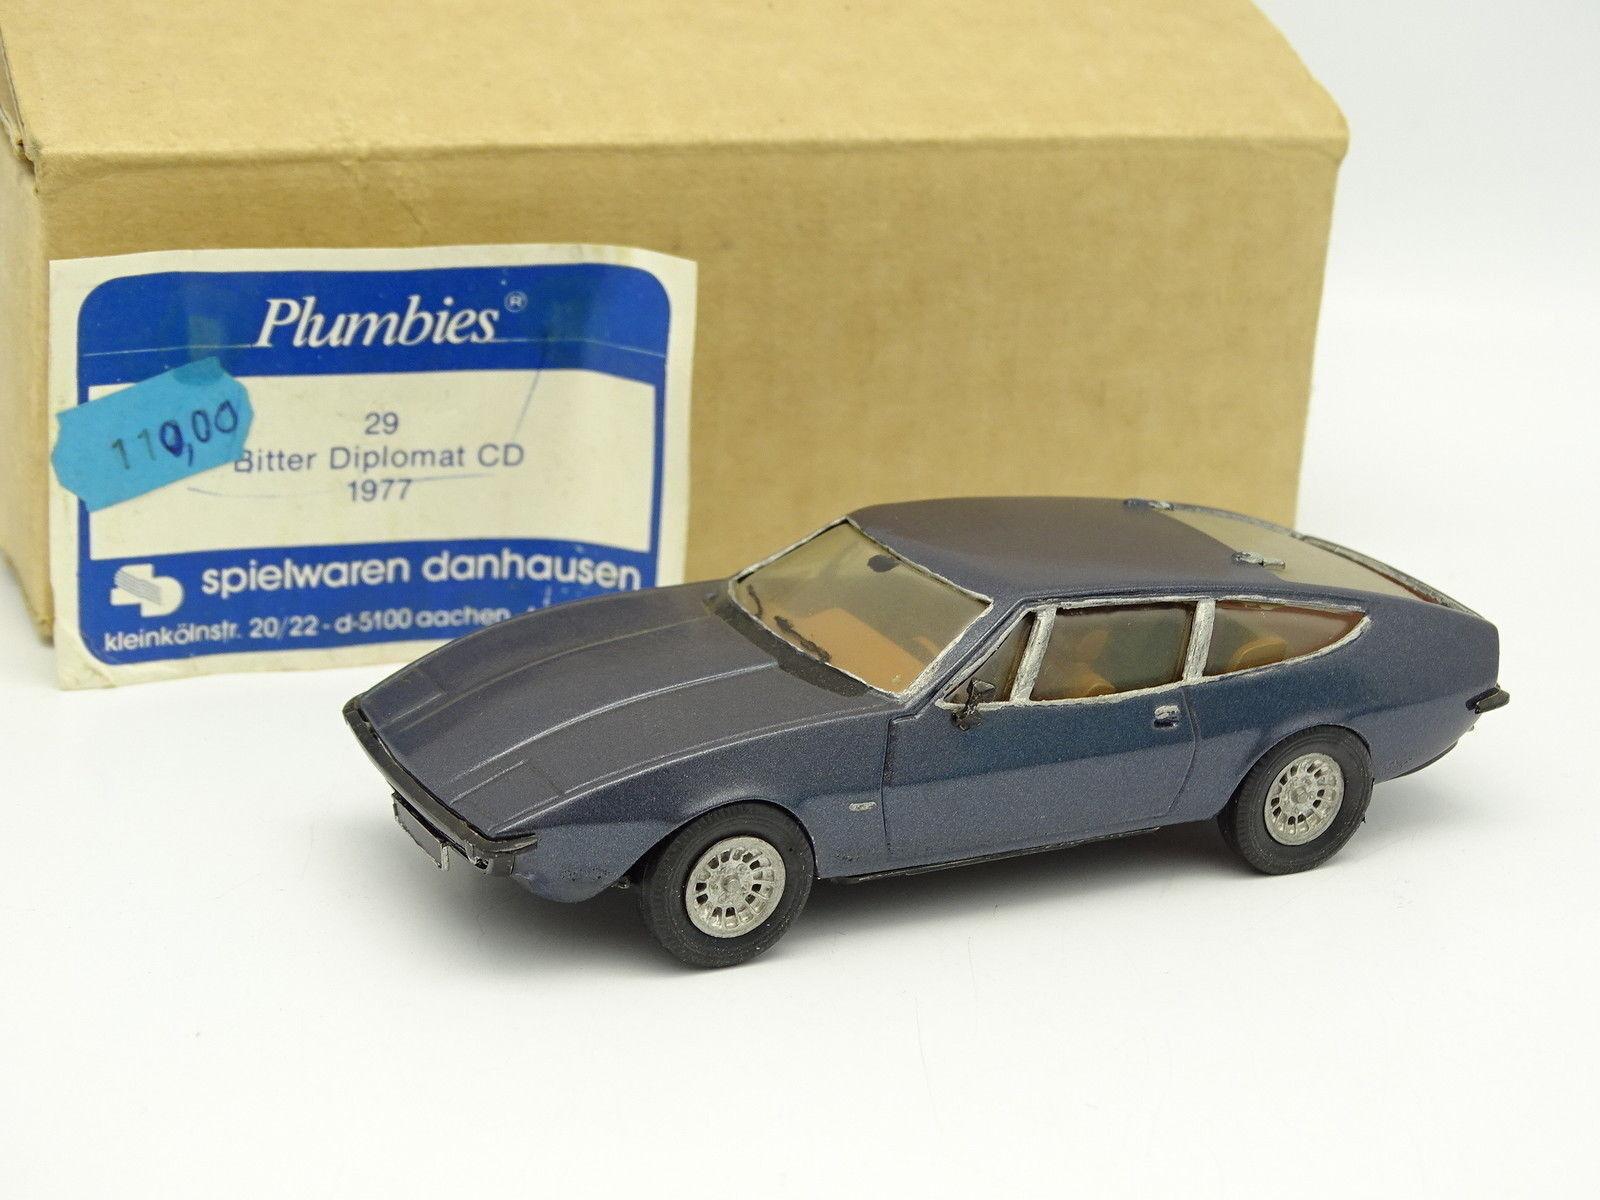 Plumbies Danhausen kit assembled 1 43 - Bitter Diplomat CD 1977 bluee